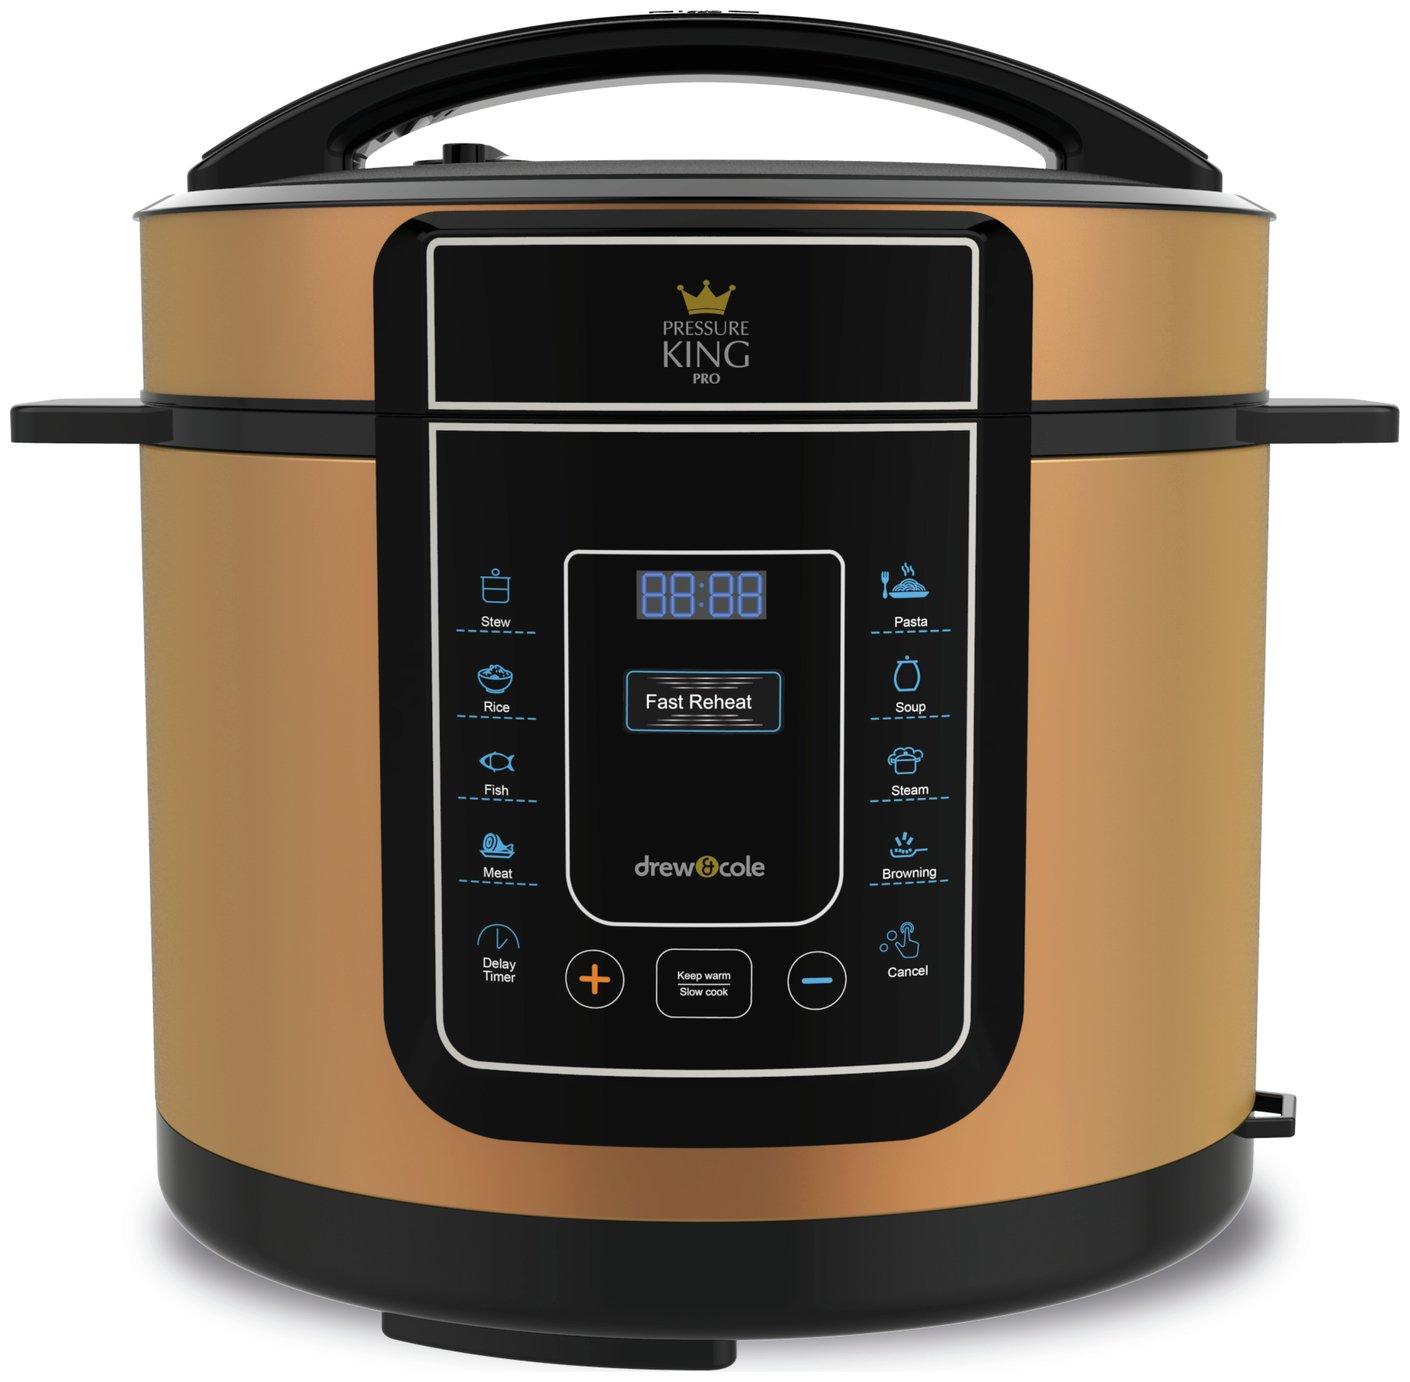 Pressure King Pro – Copper – Pressure Cooker £49.99 @ Argos